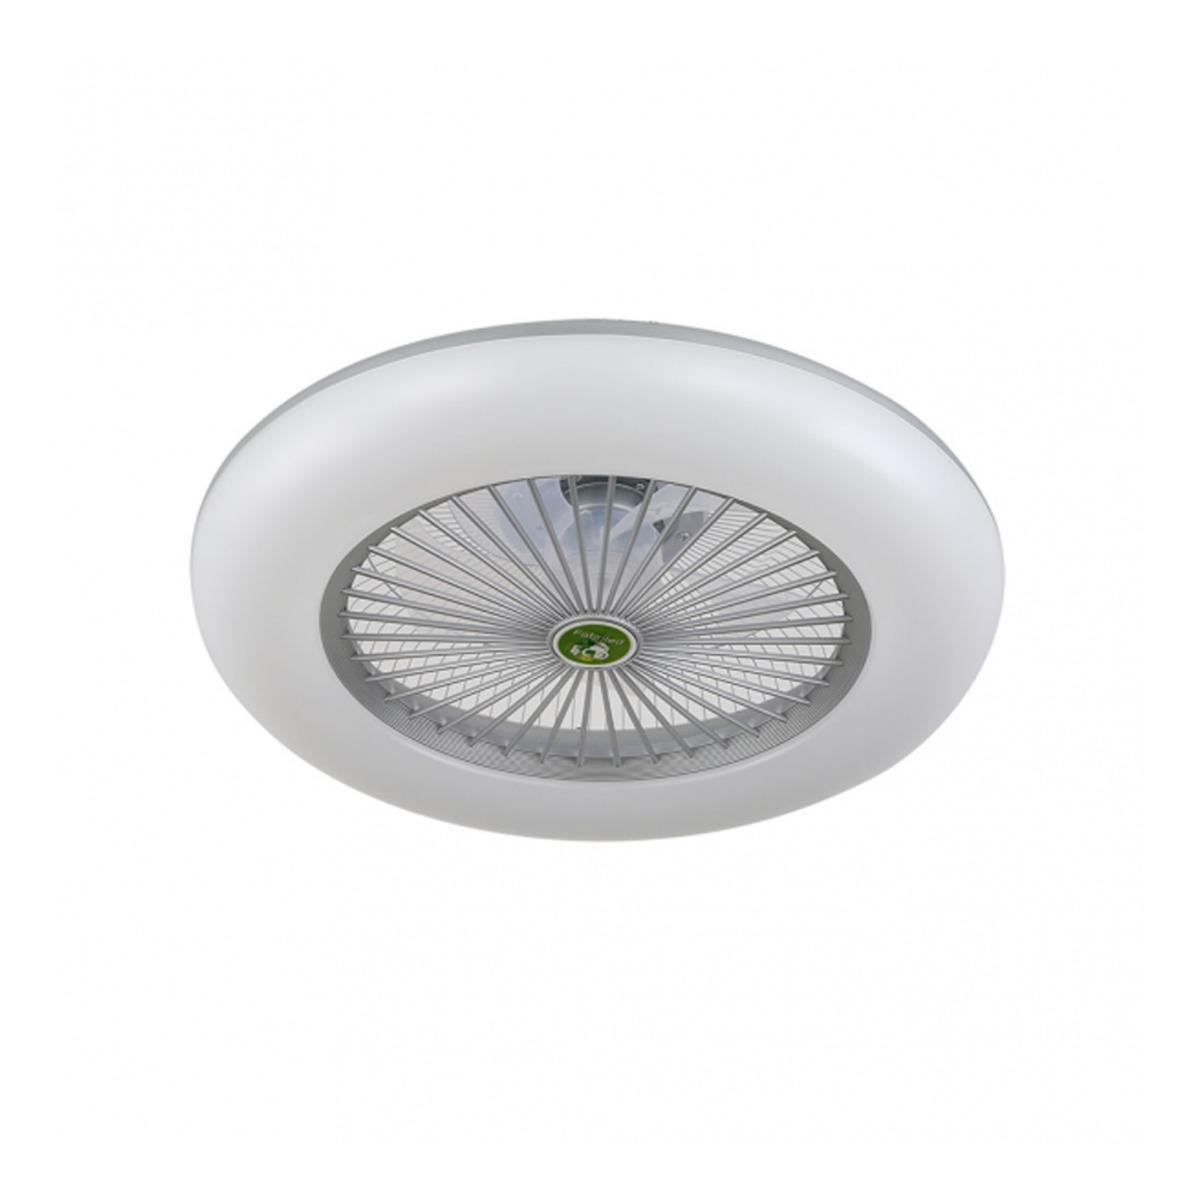 Ventilador sin aspas con iluminación LED